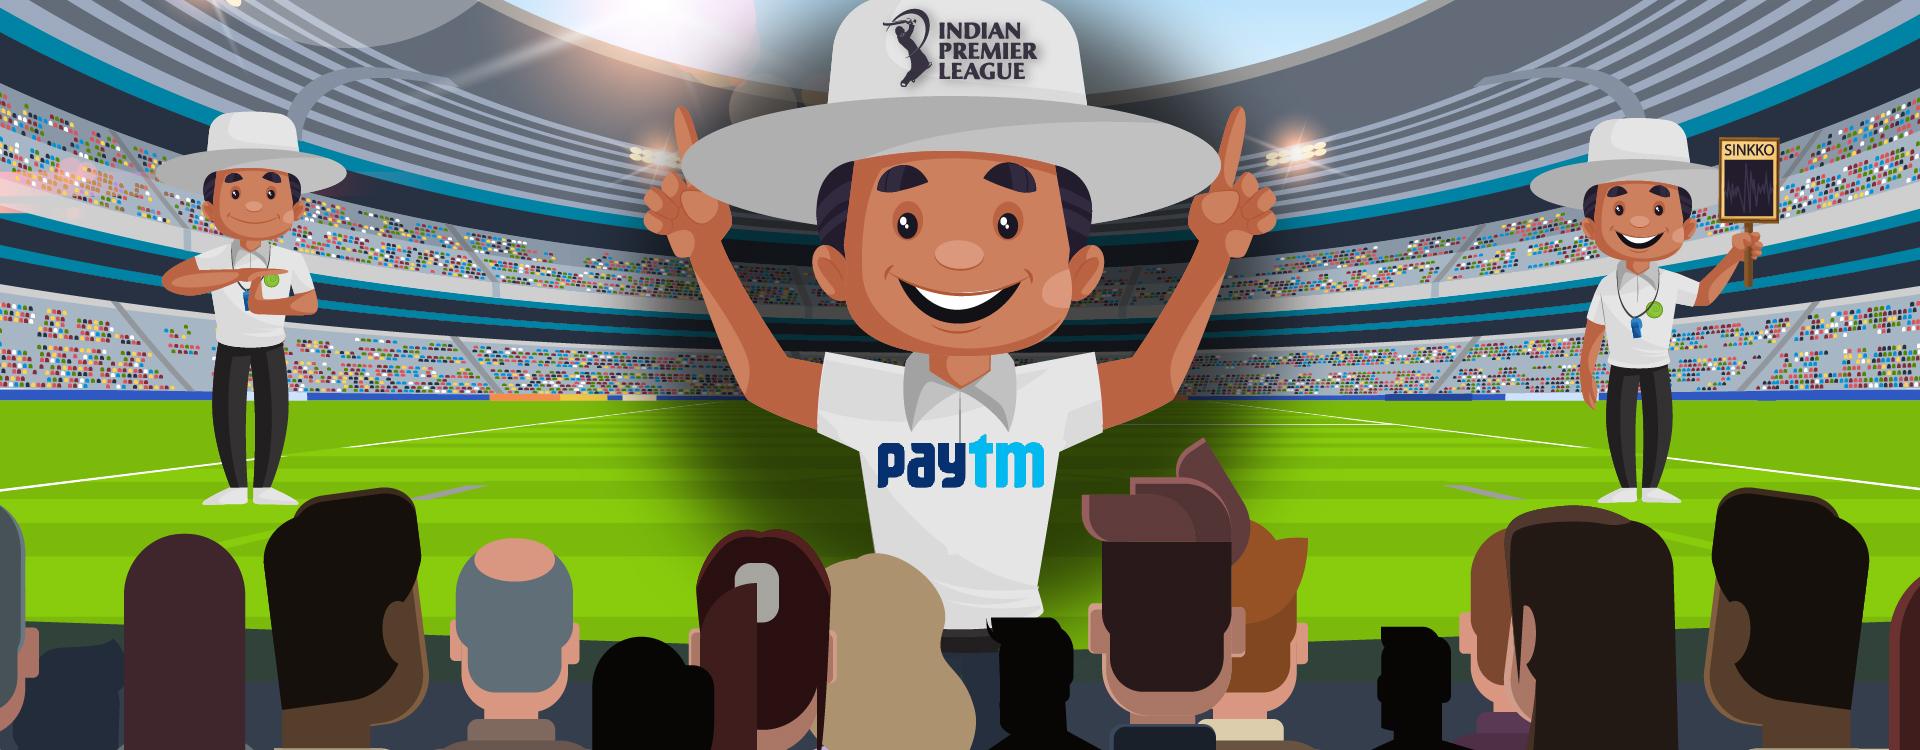 India's Number 1 Unicorn Paytm is IPL's Umpire Partner